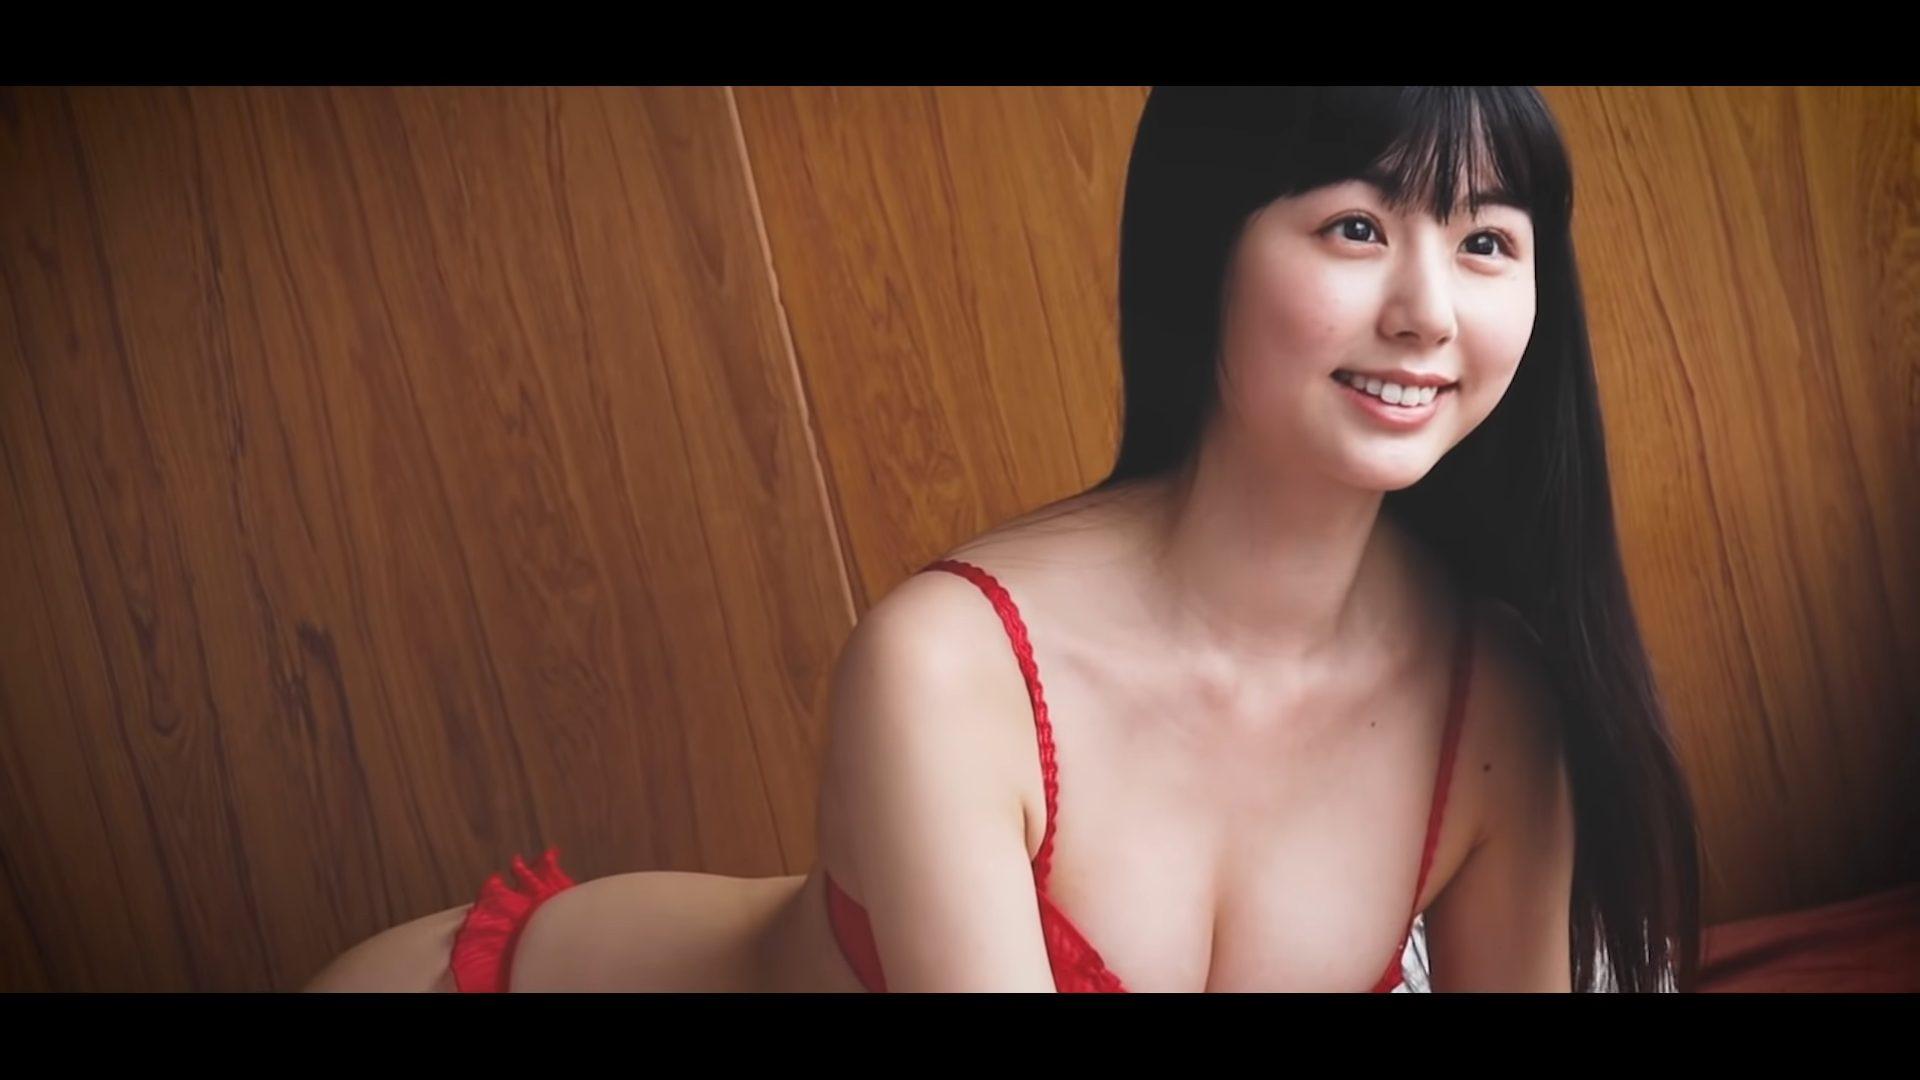 【くりえみ】Cカップ14 ヤングアニマルオフショット動画!セクシーな姿を披露!